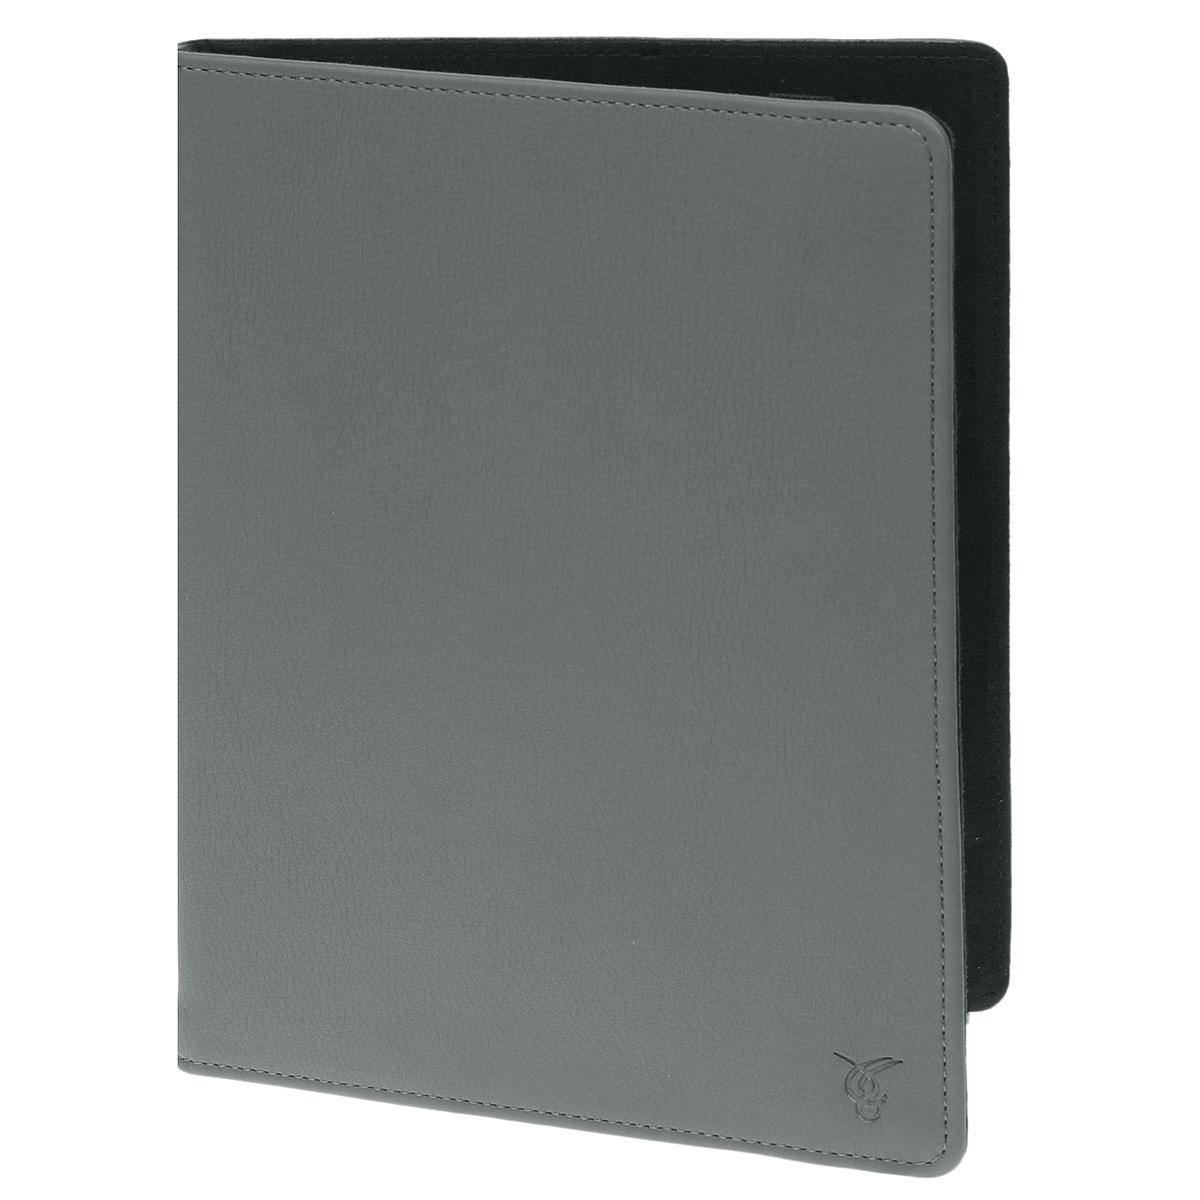 Vivacase Basic универсальный чехол-обложка для планшетов 9, Gray (VUC-CM009-gr)VUC-CM009-grУниверсальный чехол Vivacase с резиновым креплением, который подходит для любых популярных планшетов и электронных книг с диагональю дисплея в 9 дюймов. Он изготовлен из качественной ПУ-кожи, которой обтянут прочный каркас, защищающий устройство во время падений. Внутренняя часть отделана мягкой подкладкой, которая не оставляет никаких следов на корпусе и дисплее. Каркас из тонкой и мягкой резины позволяет прочно и надежно закрепить устройство подходящего размера. Для того чтобы установить устройство в альбомной ориентации, удобной для просмотра видео или чтения, чехол имеет подвижную площадку и два углубления, которые позволяют зафиксировать планшет под двумя разными углами.